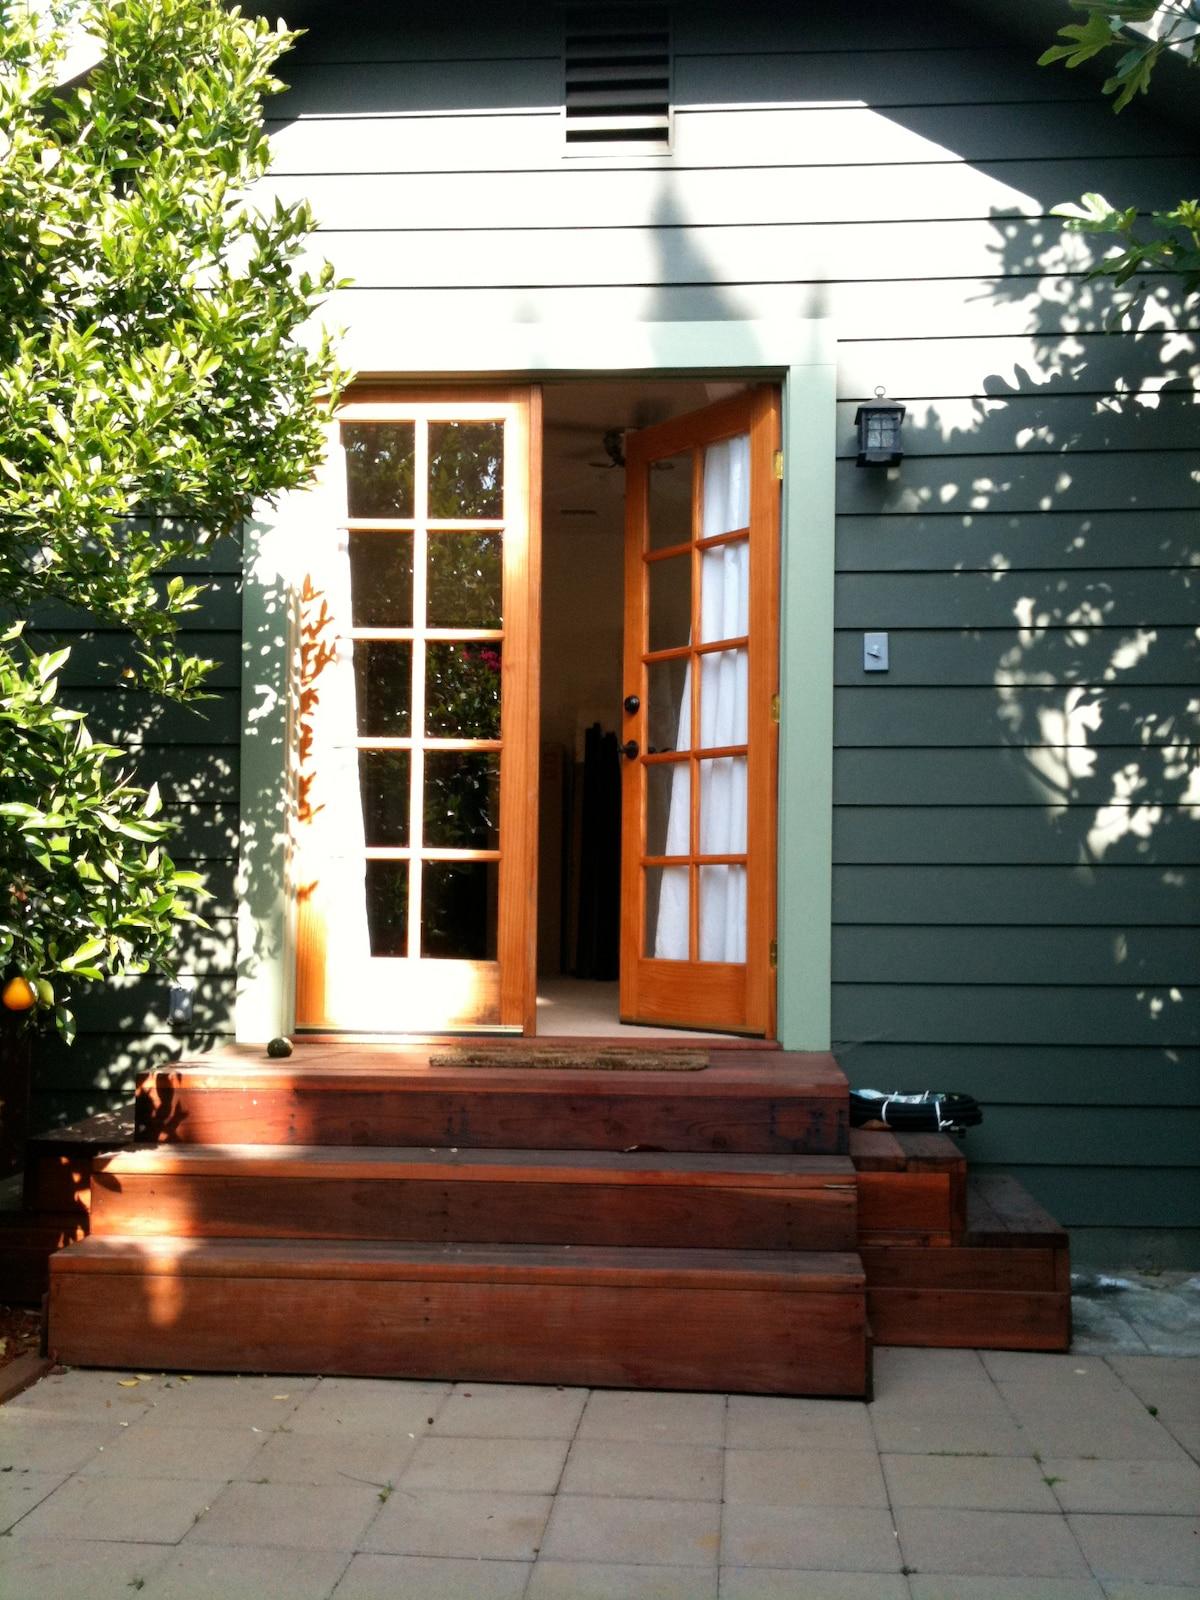 Guest House Entrance 1